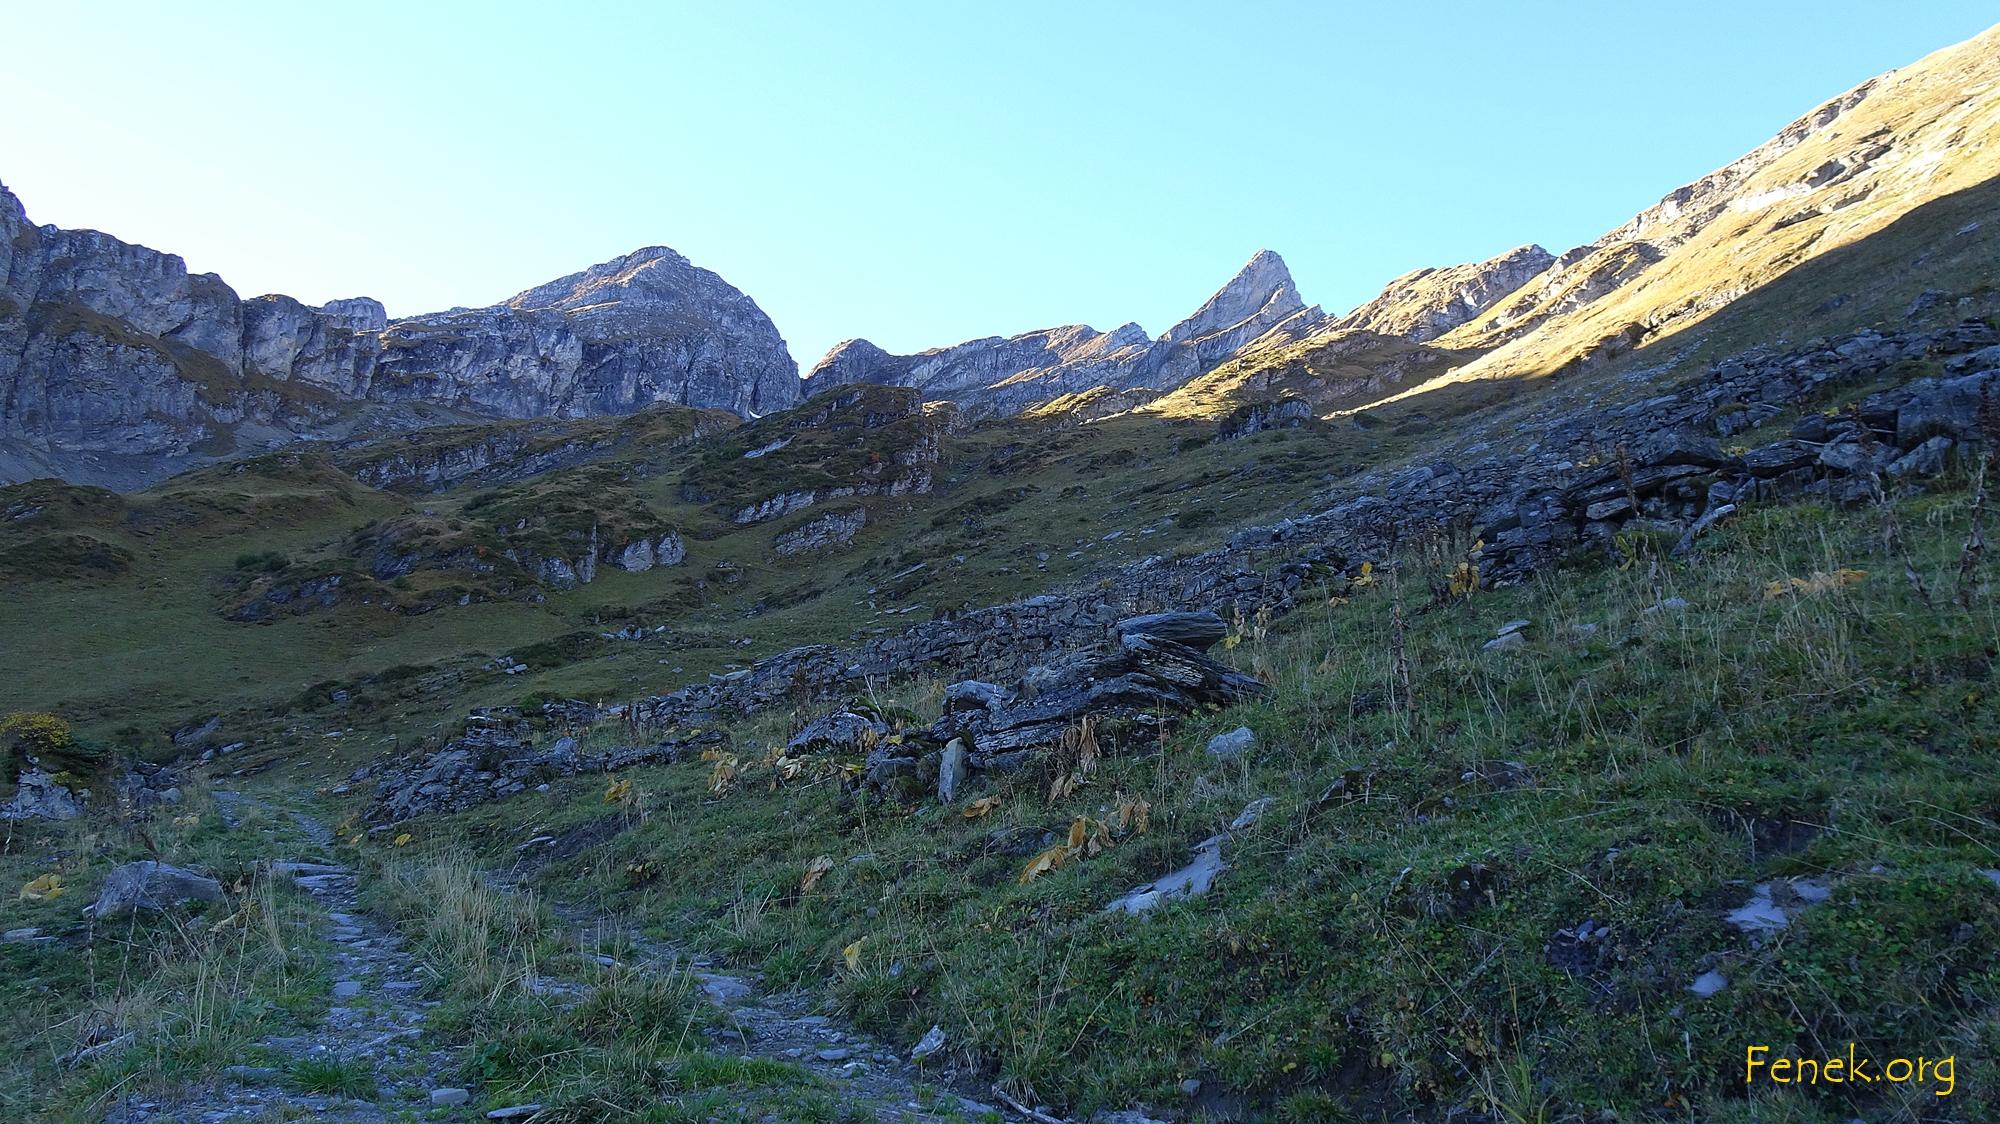 bei der Alp l'Audalle die Arena vor mir - links La Pare - ganz rechts l'Aiguille und in der Mitte uncheinbar Le Tarent